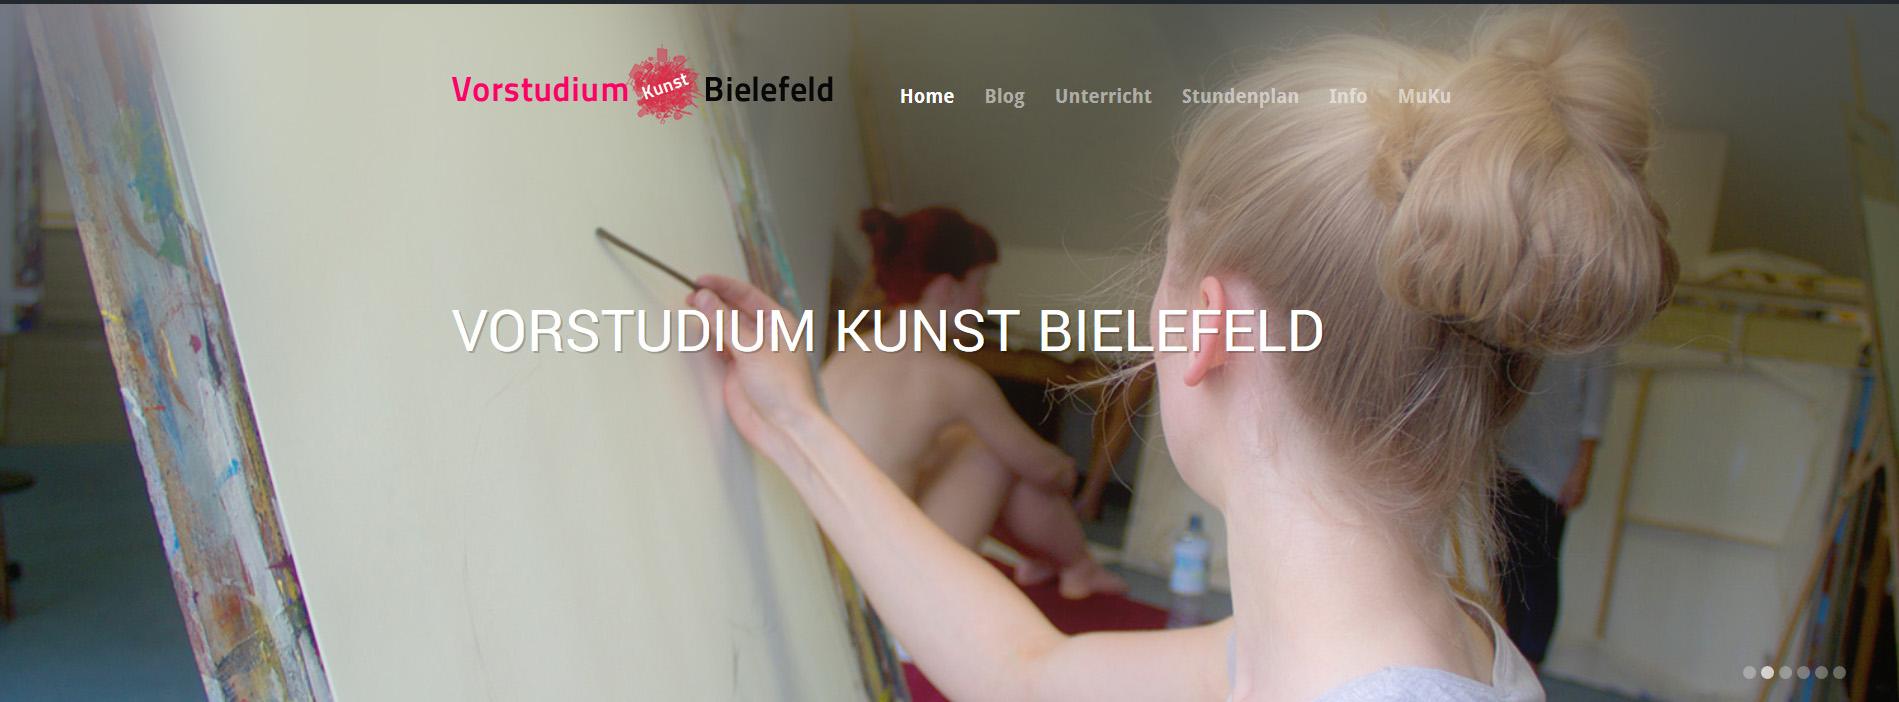 vorstudium-kunst-bielefeld